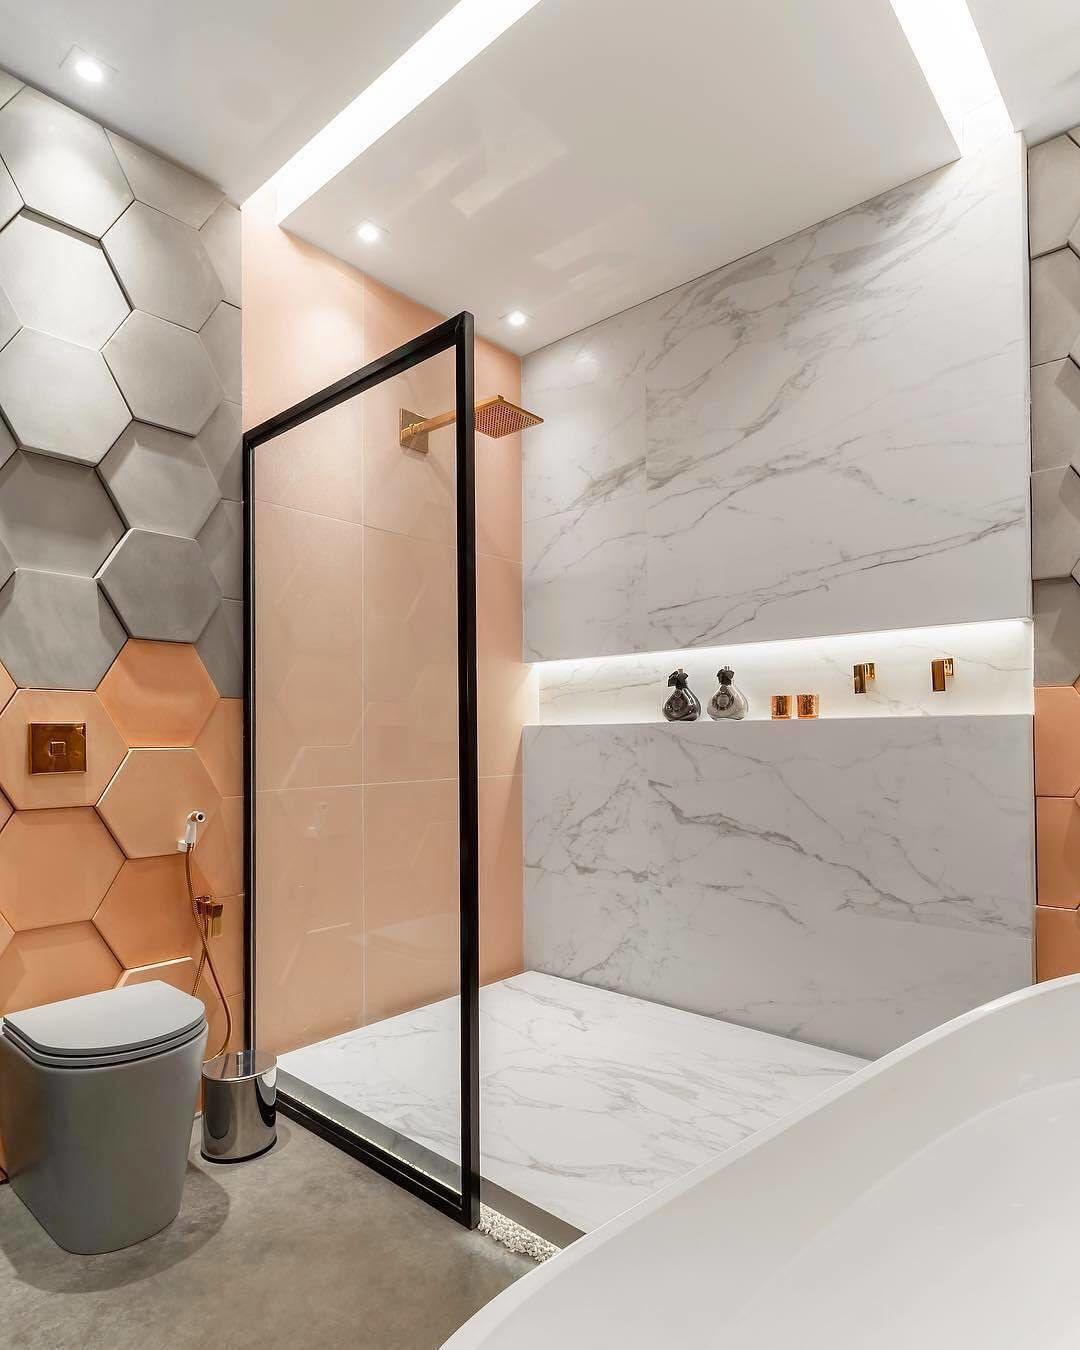 Interior Design Decor On Instagram Beautiful Bathroom By Rafaellevelasquearquiteta Bathroom Tile Designs Bathroom Interior Design Minimalism Interior